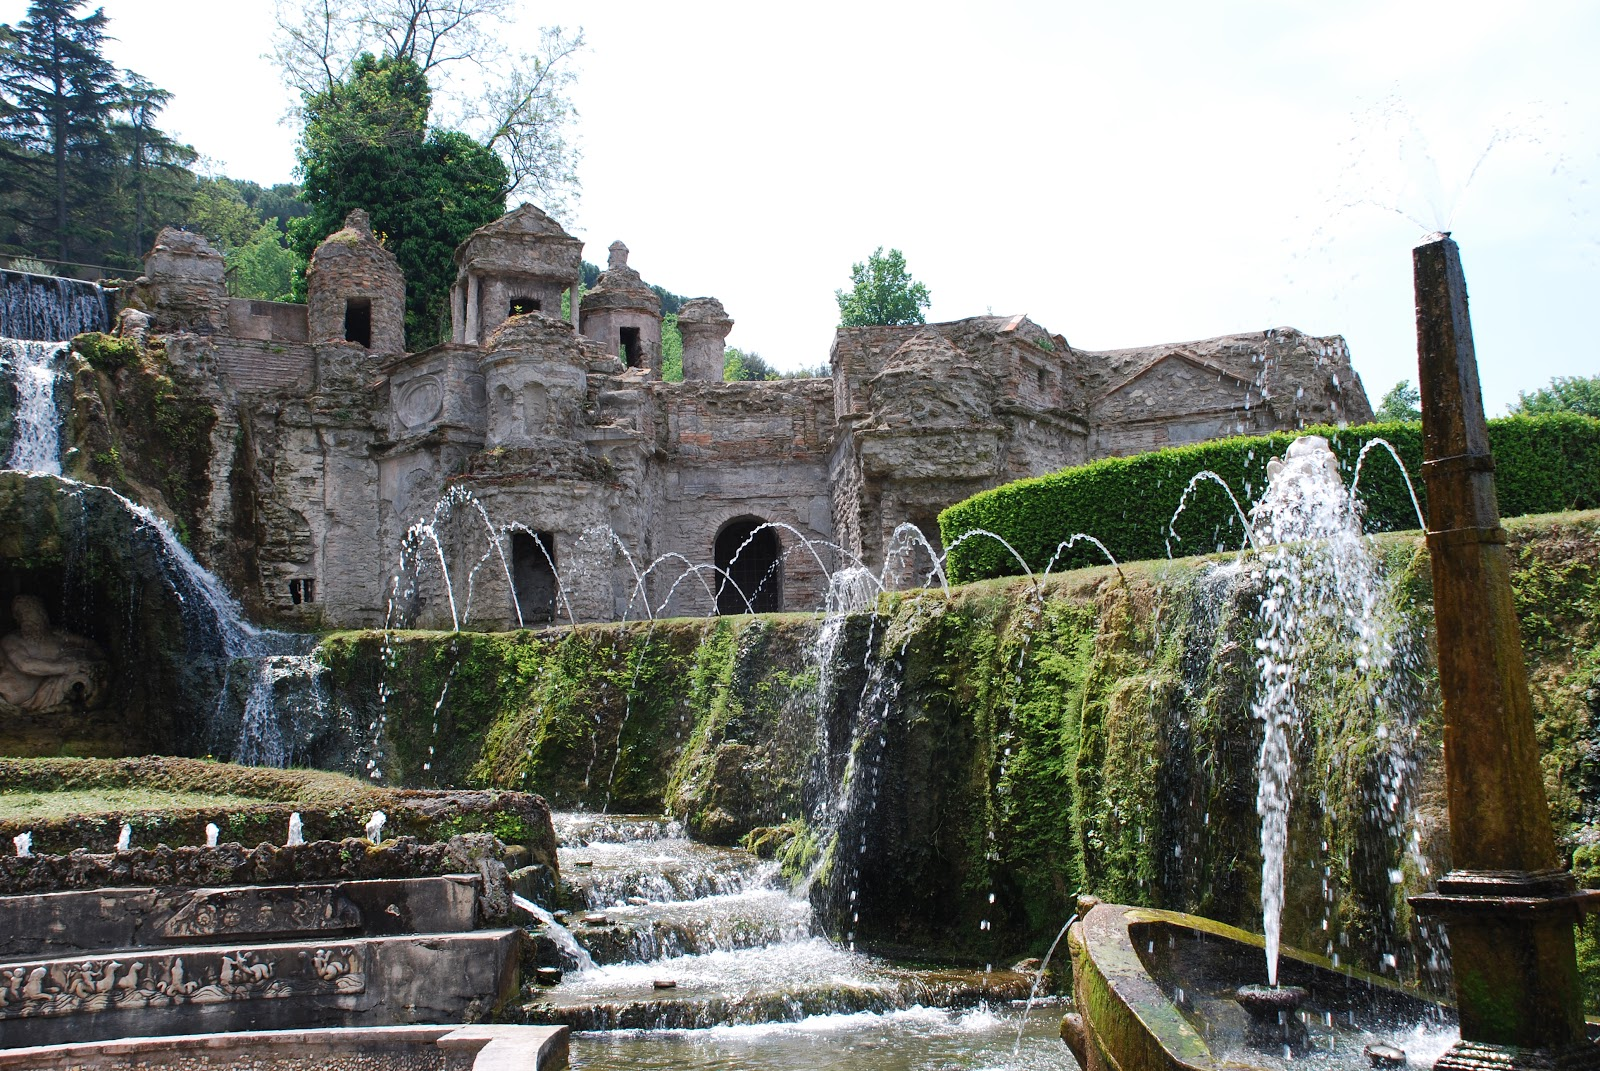 ROME OPENING TIMES FOR VILLA DESTE The Garden of Eaden